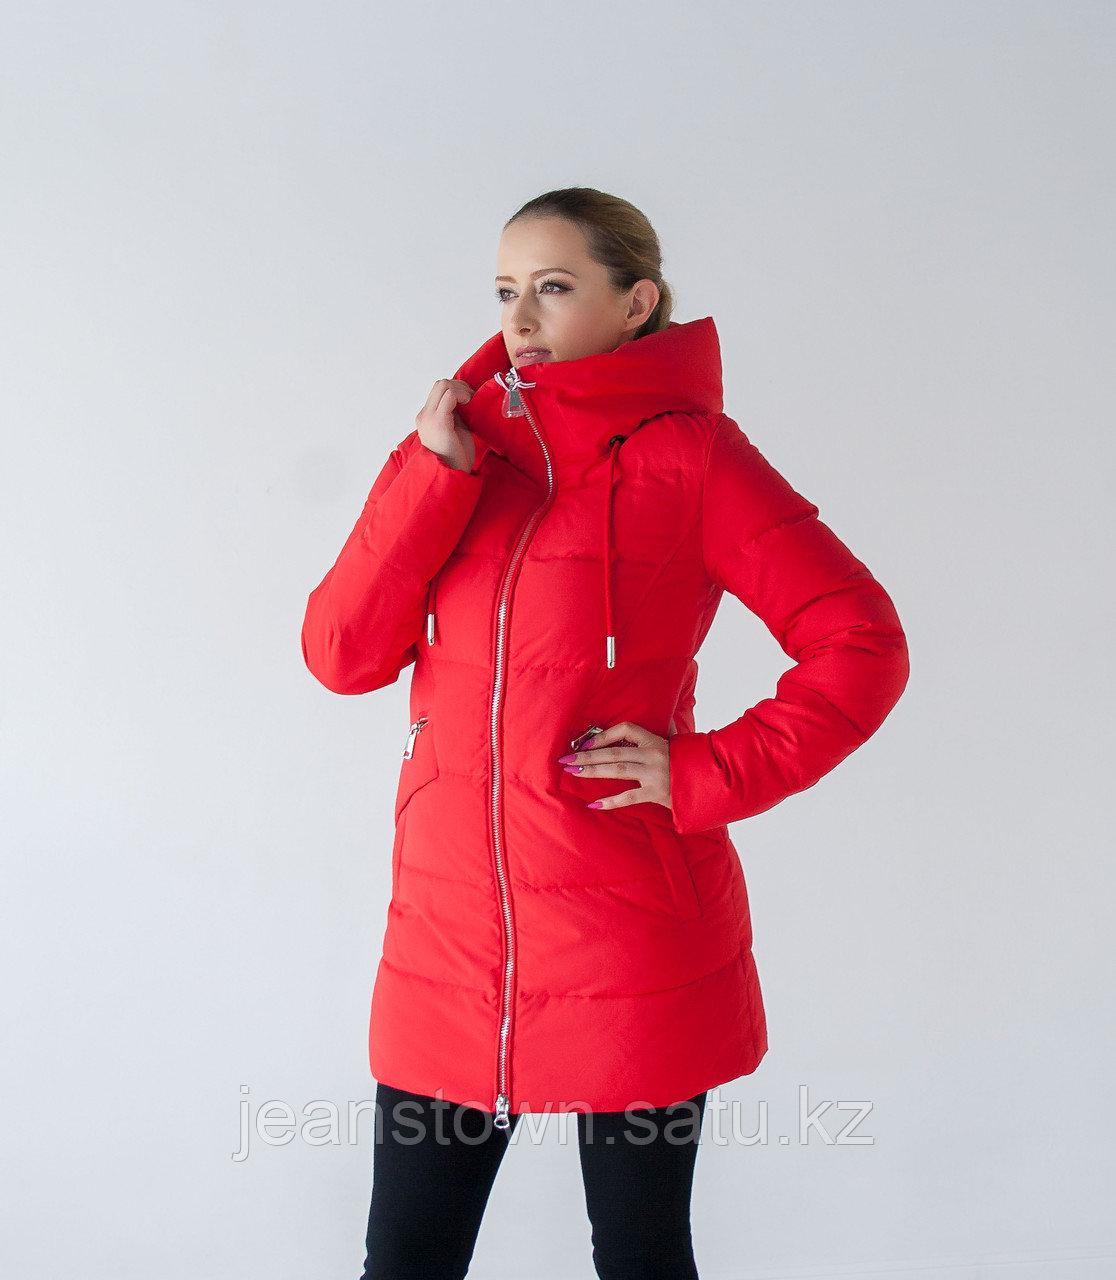 Куртка женская зимняя  Tarore , красная